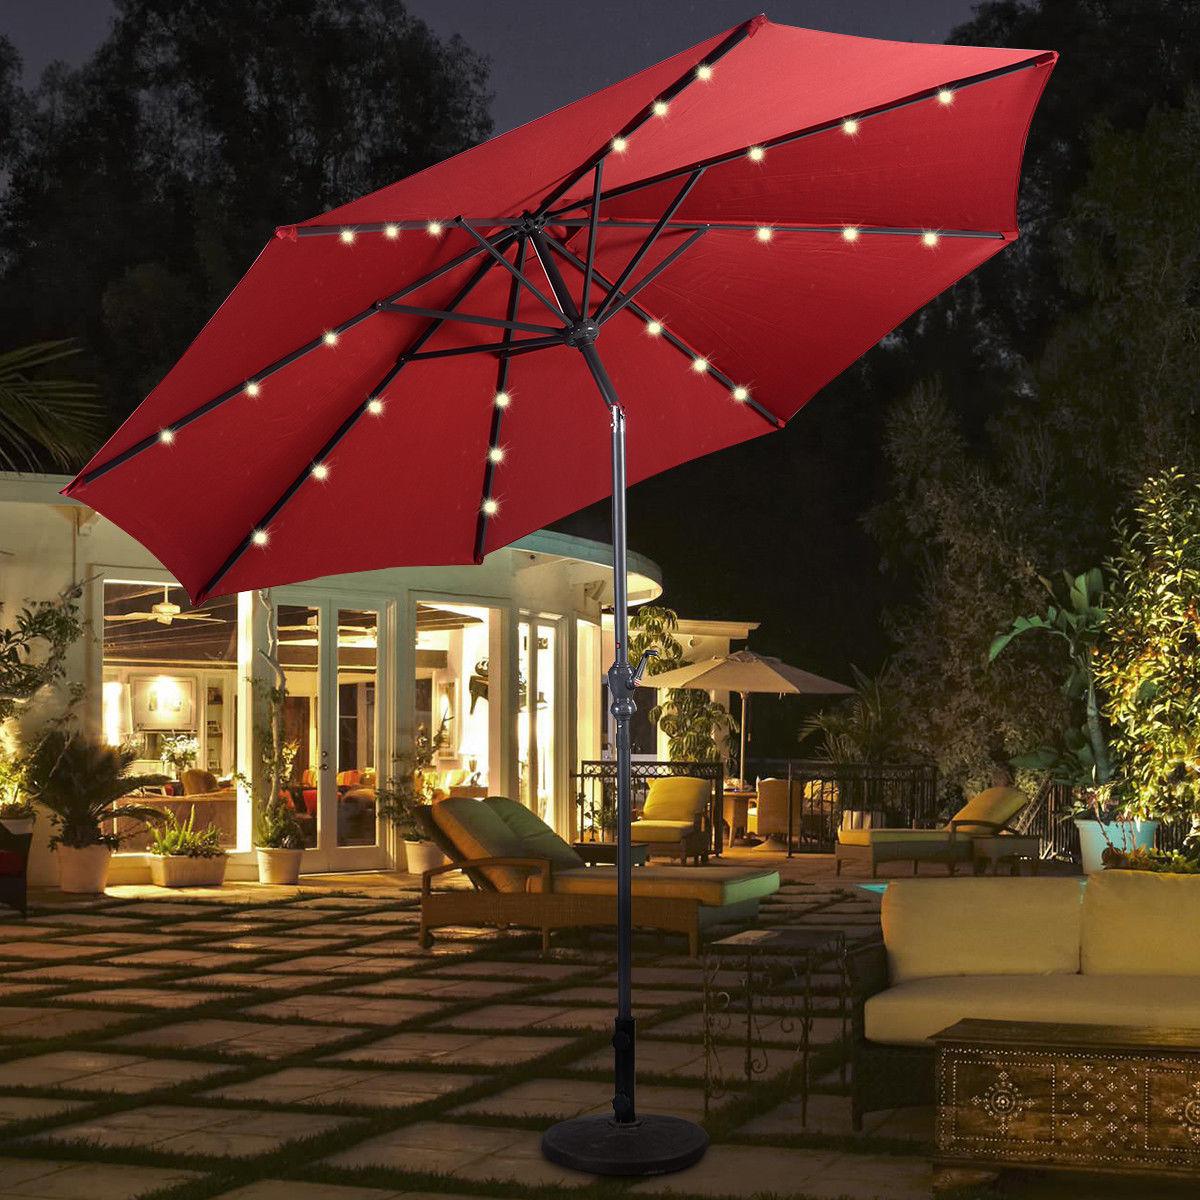 Costway 10ft Patio Solar Umbrella LED Patio Market Steel Tilt W/ Crank Outdoor (Burgundy)